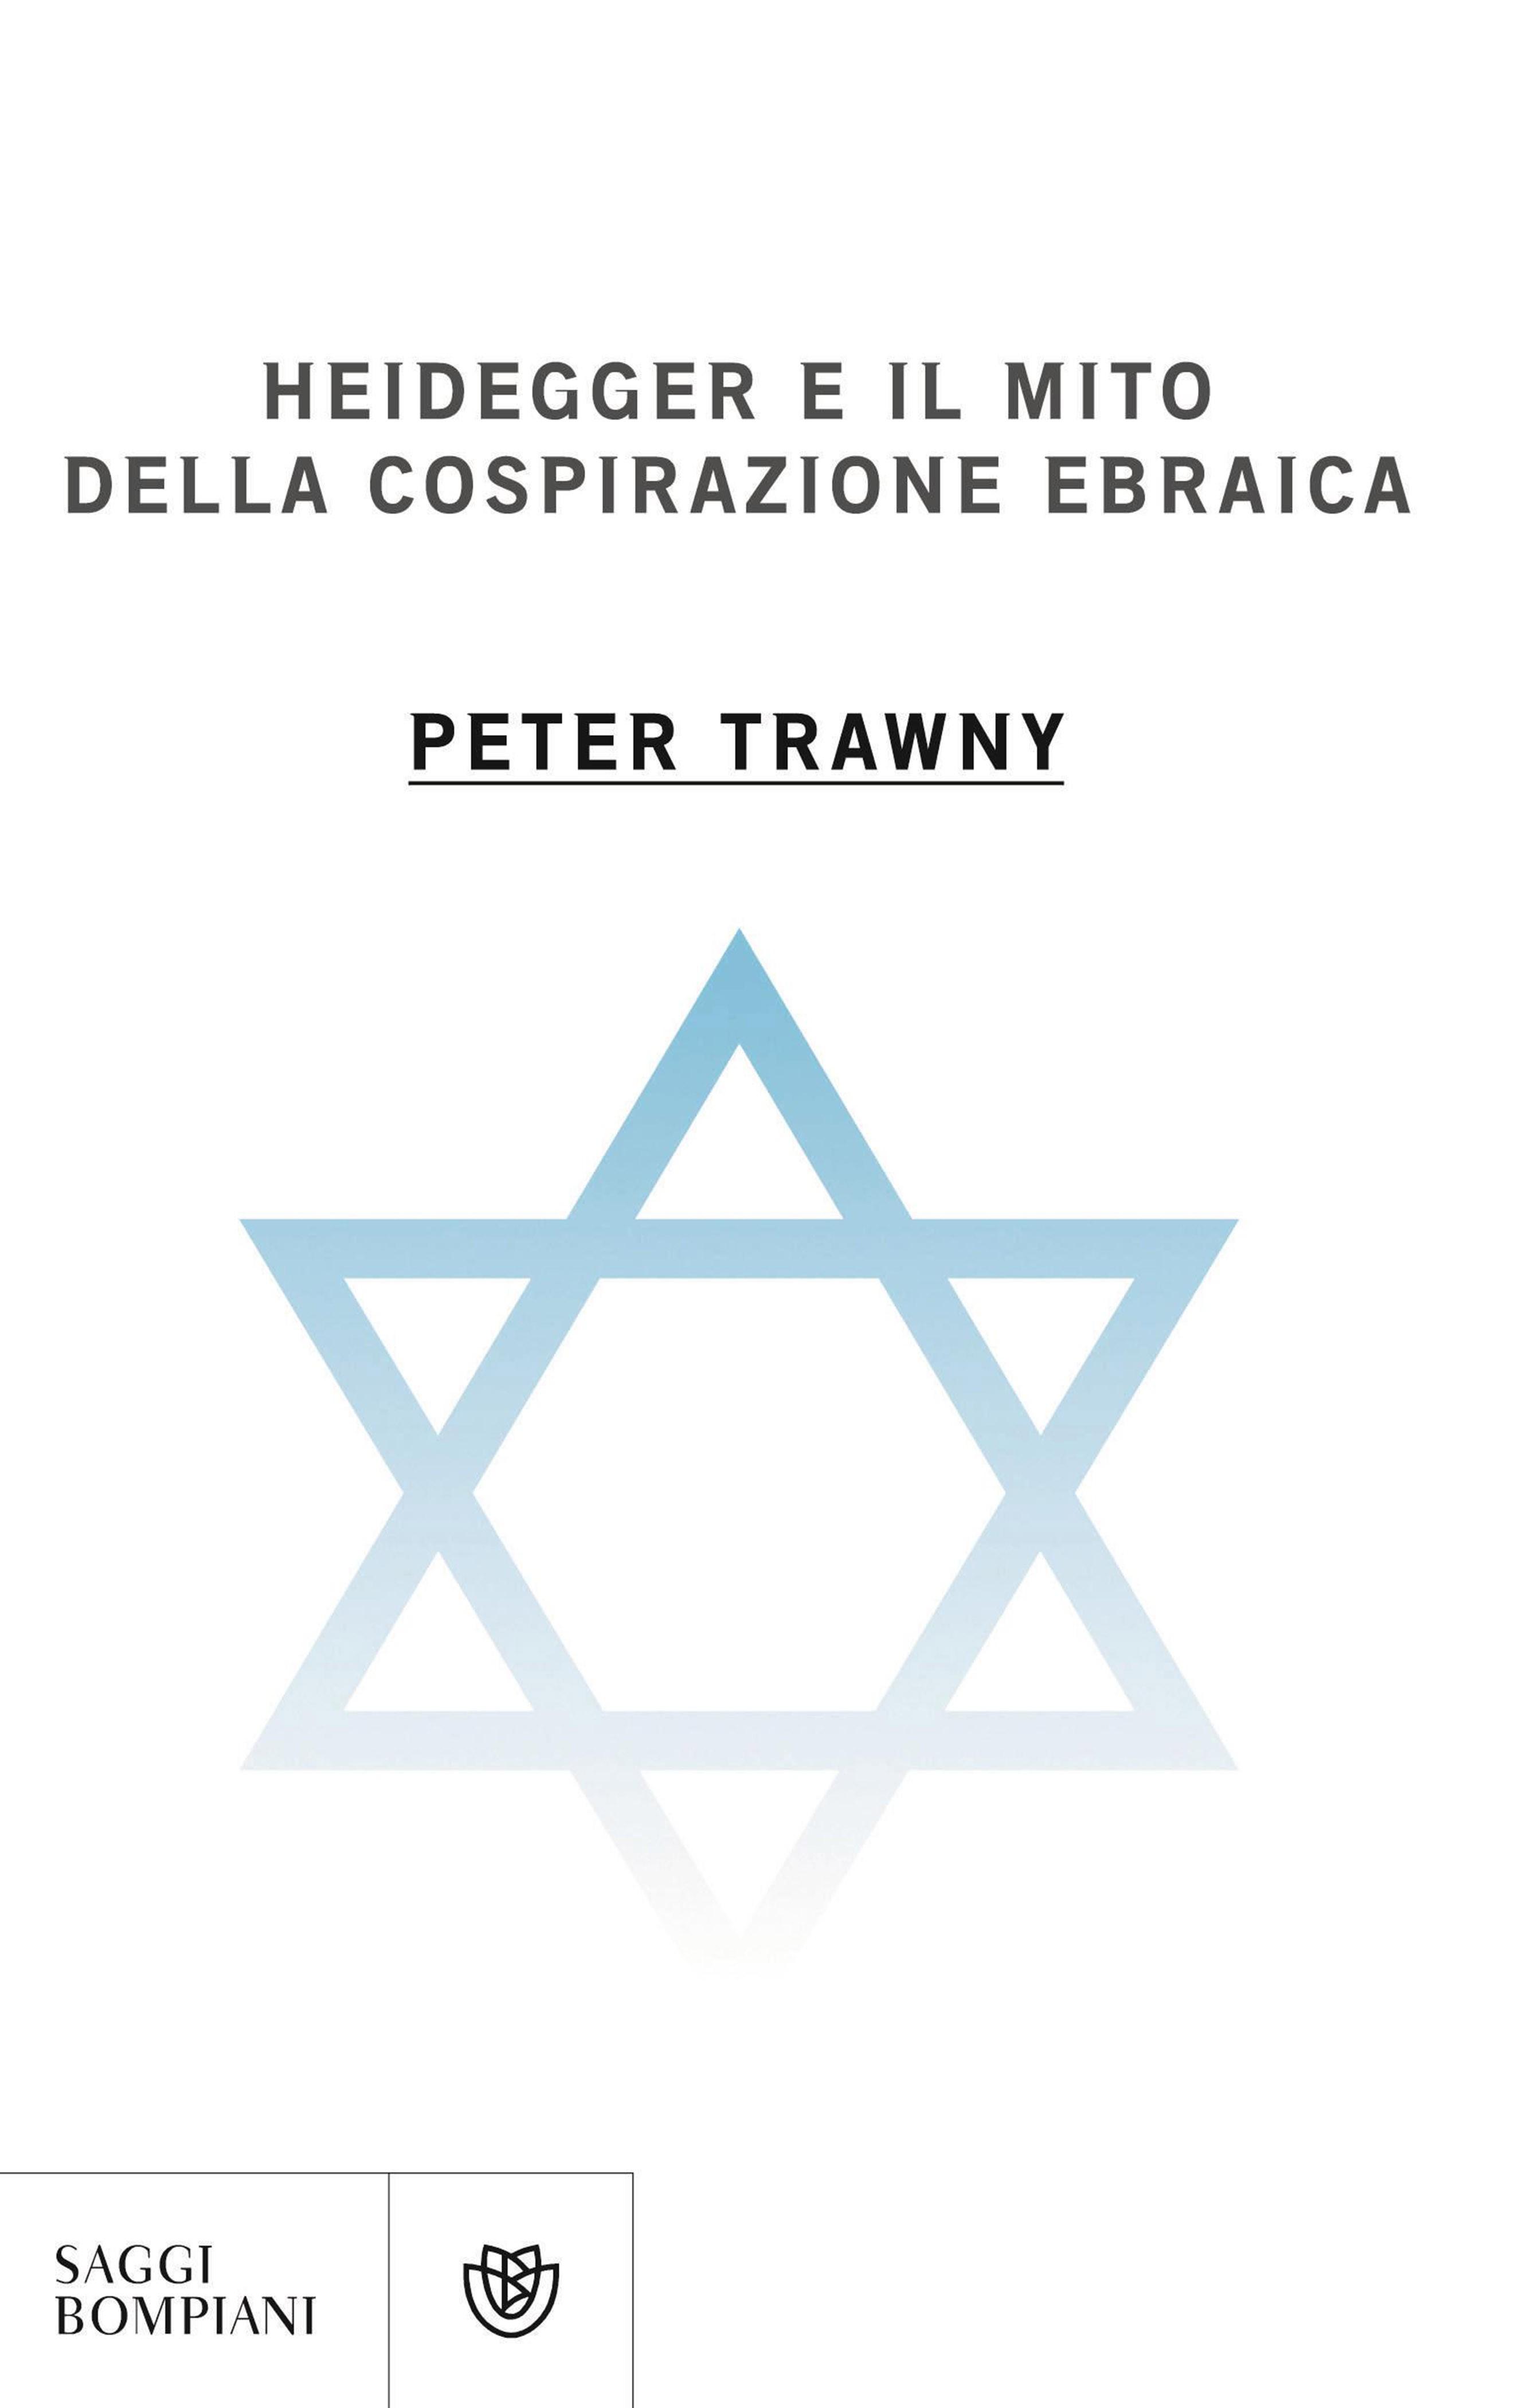 Heidegger e il mito della cospirazione ebraica